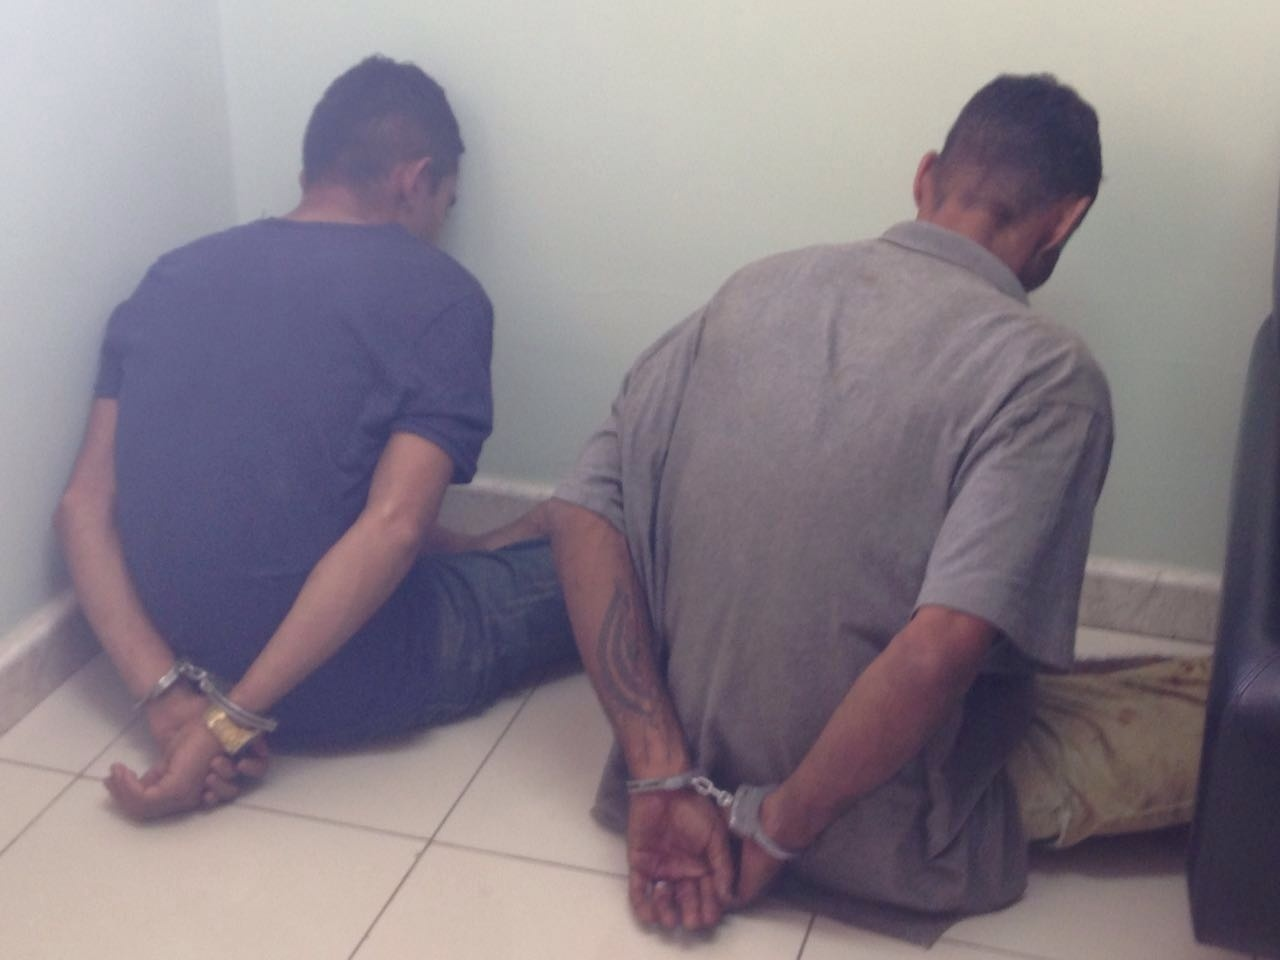 Suspeitos de sequestrar gerente foram presos nesta quarta-feira (30) (Foto: Walter Paparazzo)